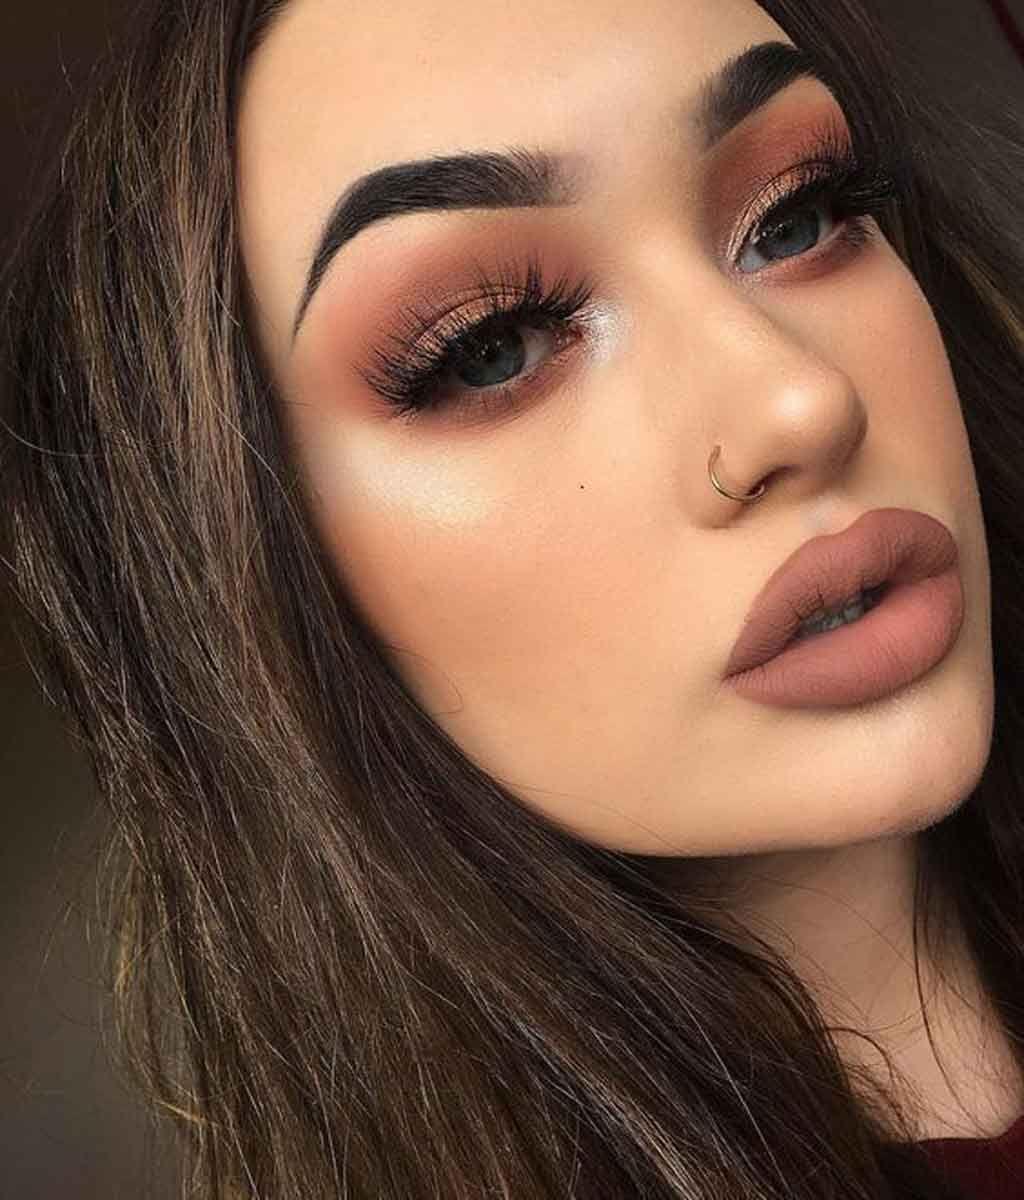 Maquillaje De Fiesta Para Morenas Timidas Kena Maquillaje Para Morenas Natural Maquillaje De Ojos Natural Maquillaje De Ojos